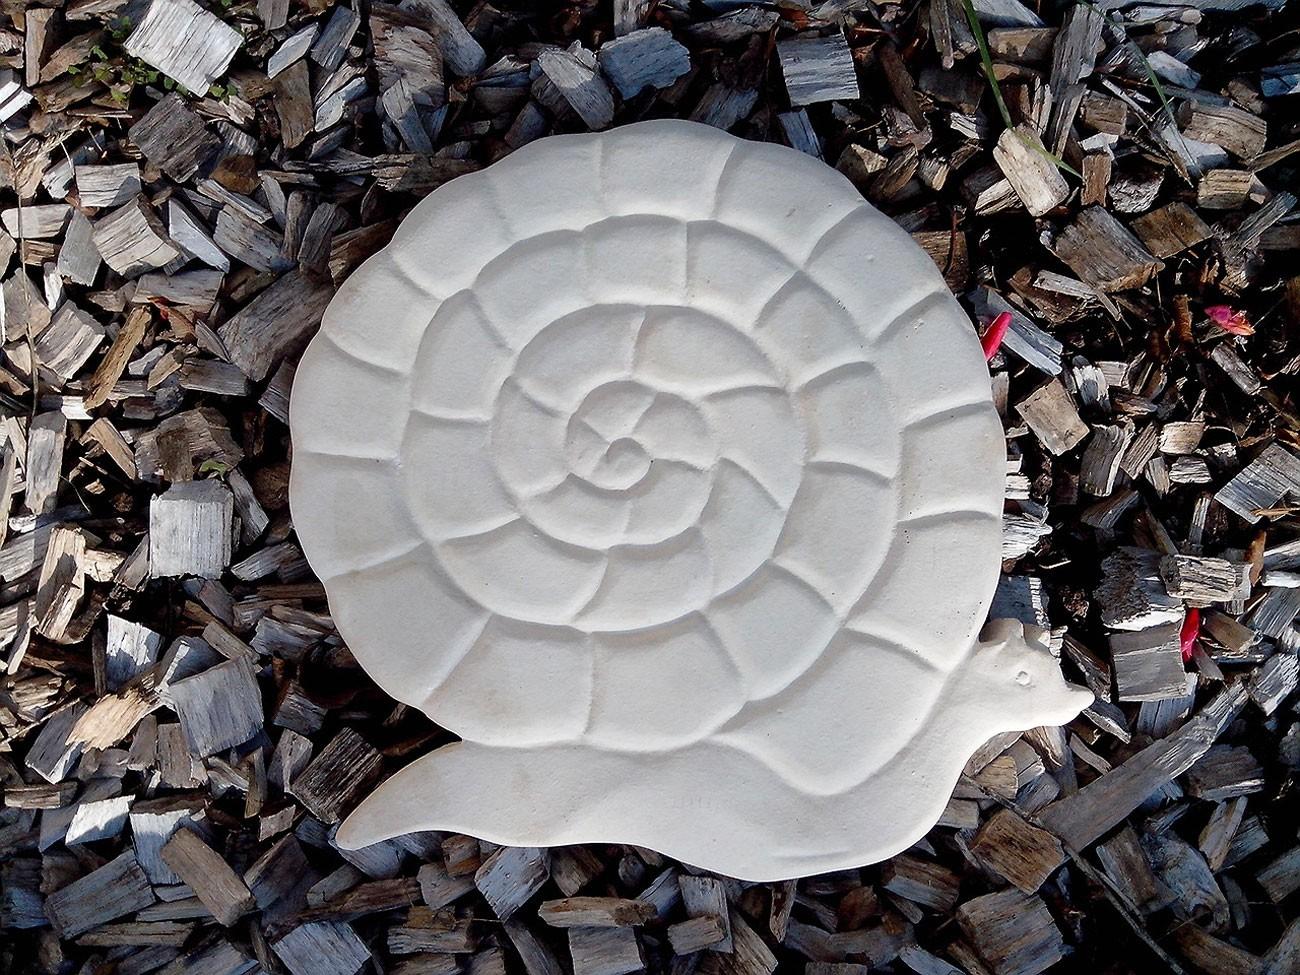 Pas japonais de jardin en pierre reconstitu e animaux escargot for Decoration escargot exterieur